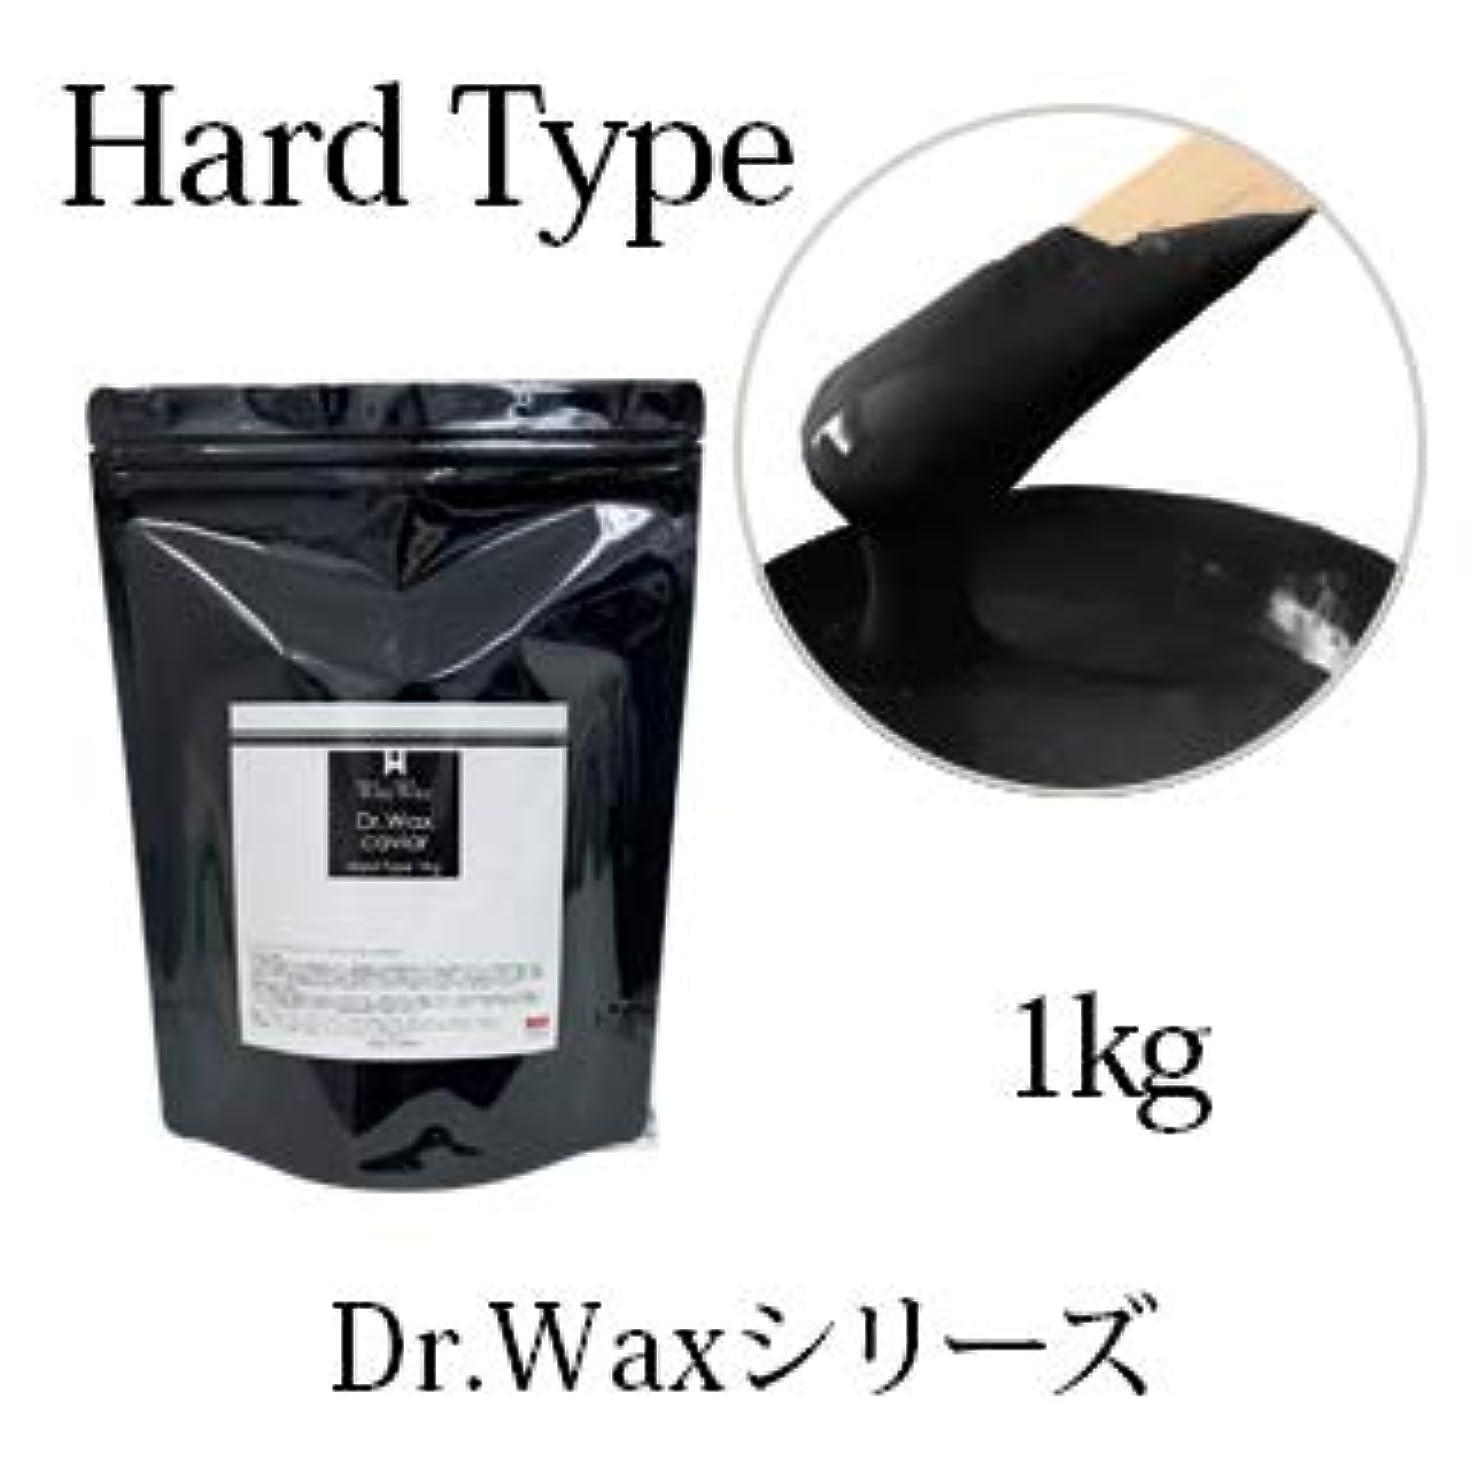 クック介入する最終的に【Dr.waxシリーズ】ワックス脱毛 粒タイプ 紙を使用しない ハードワックス (キャビア 1kg)